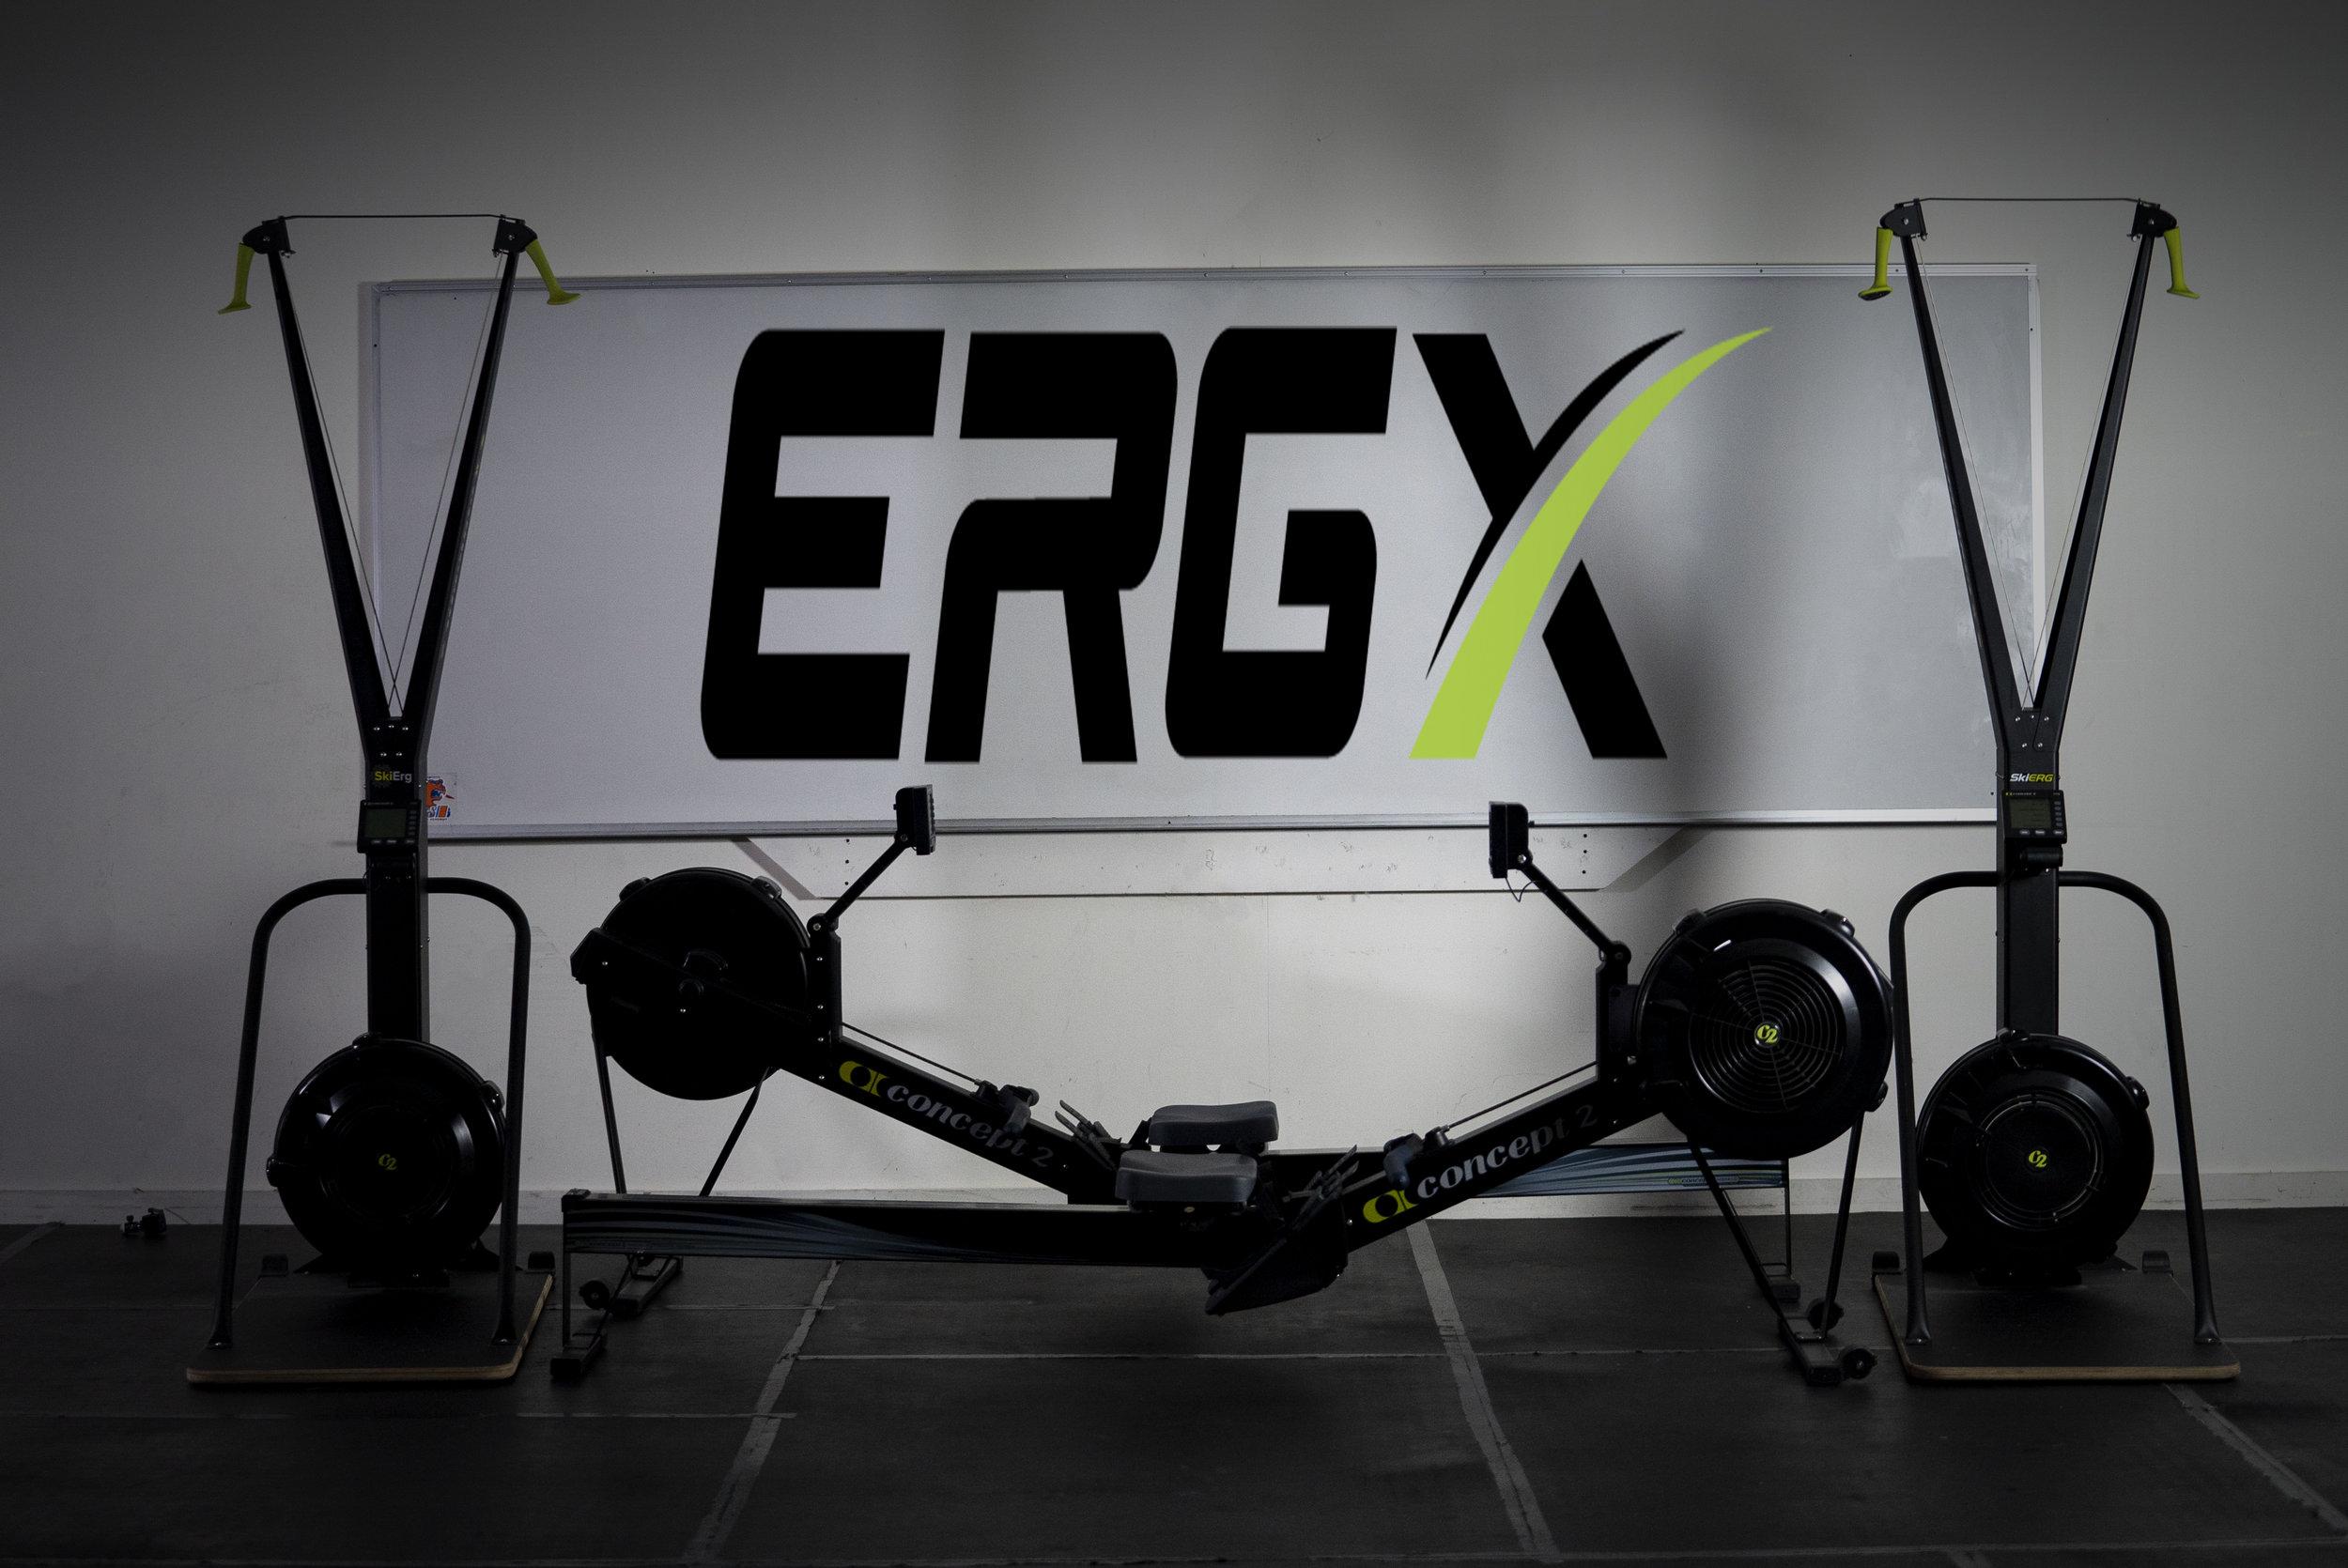 ergx machines.jpg